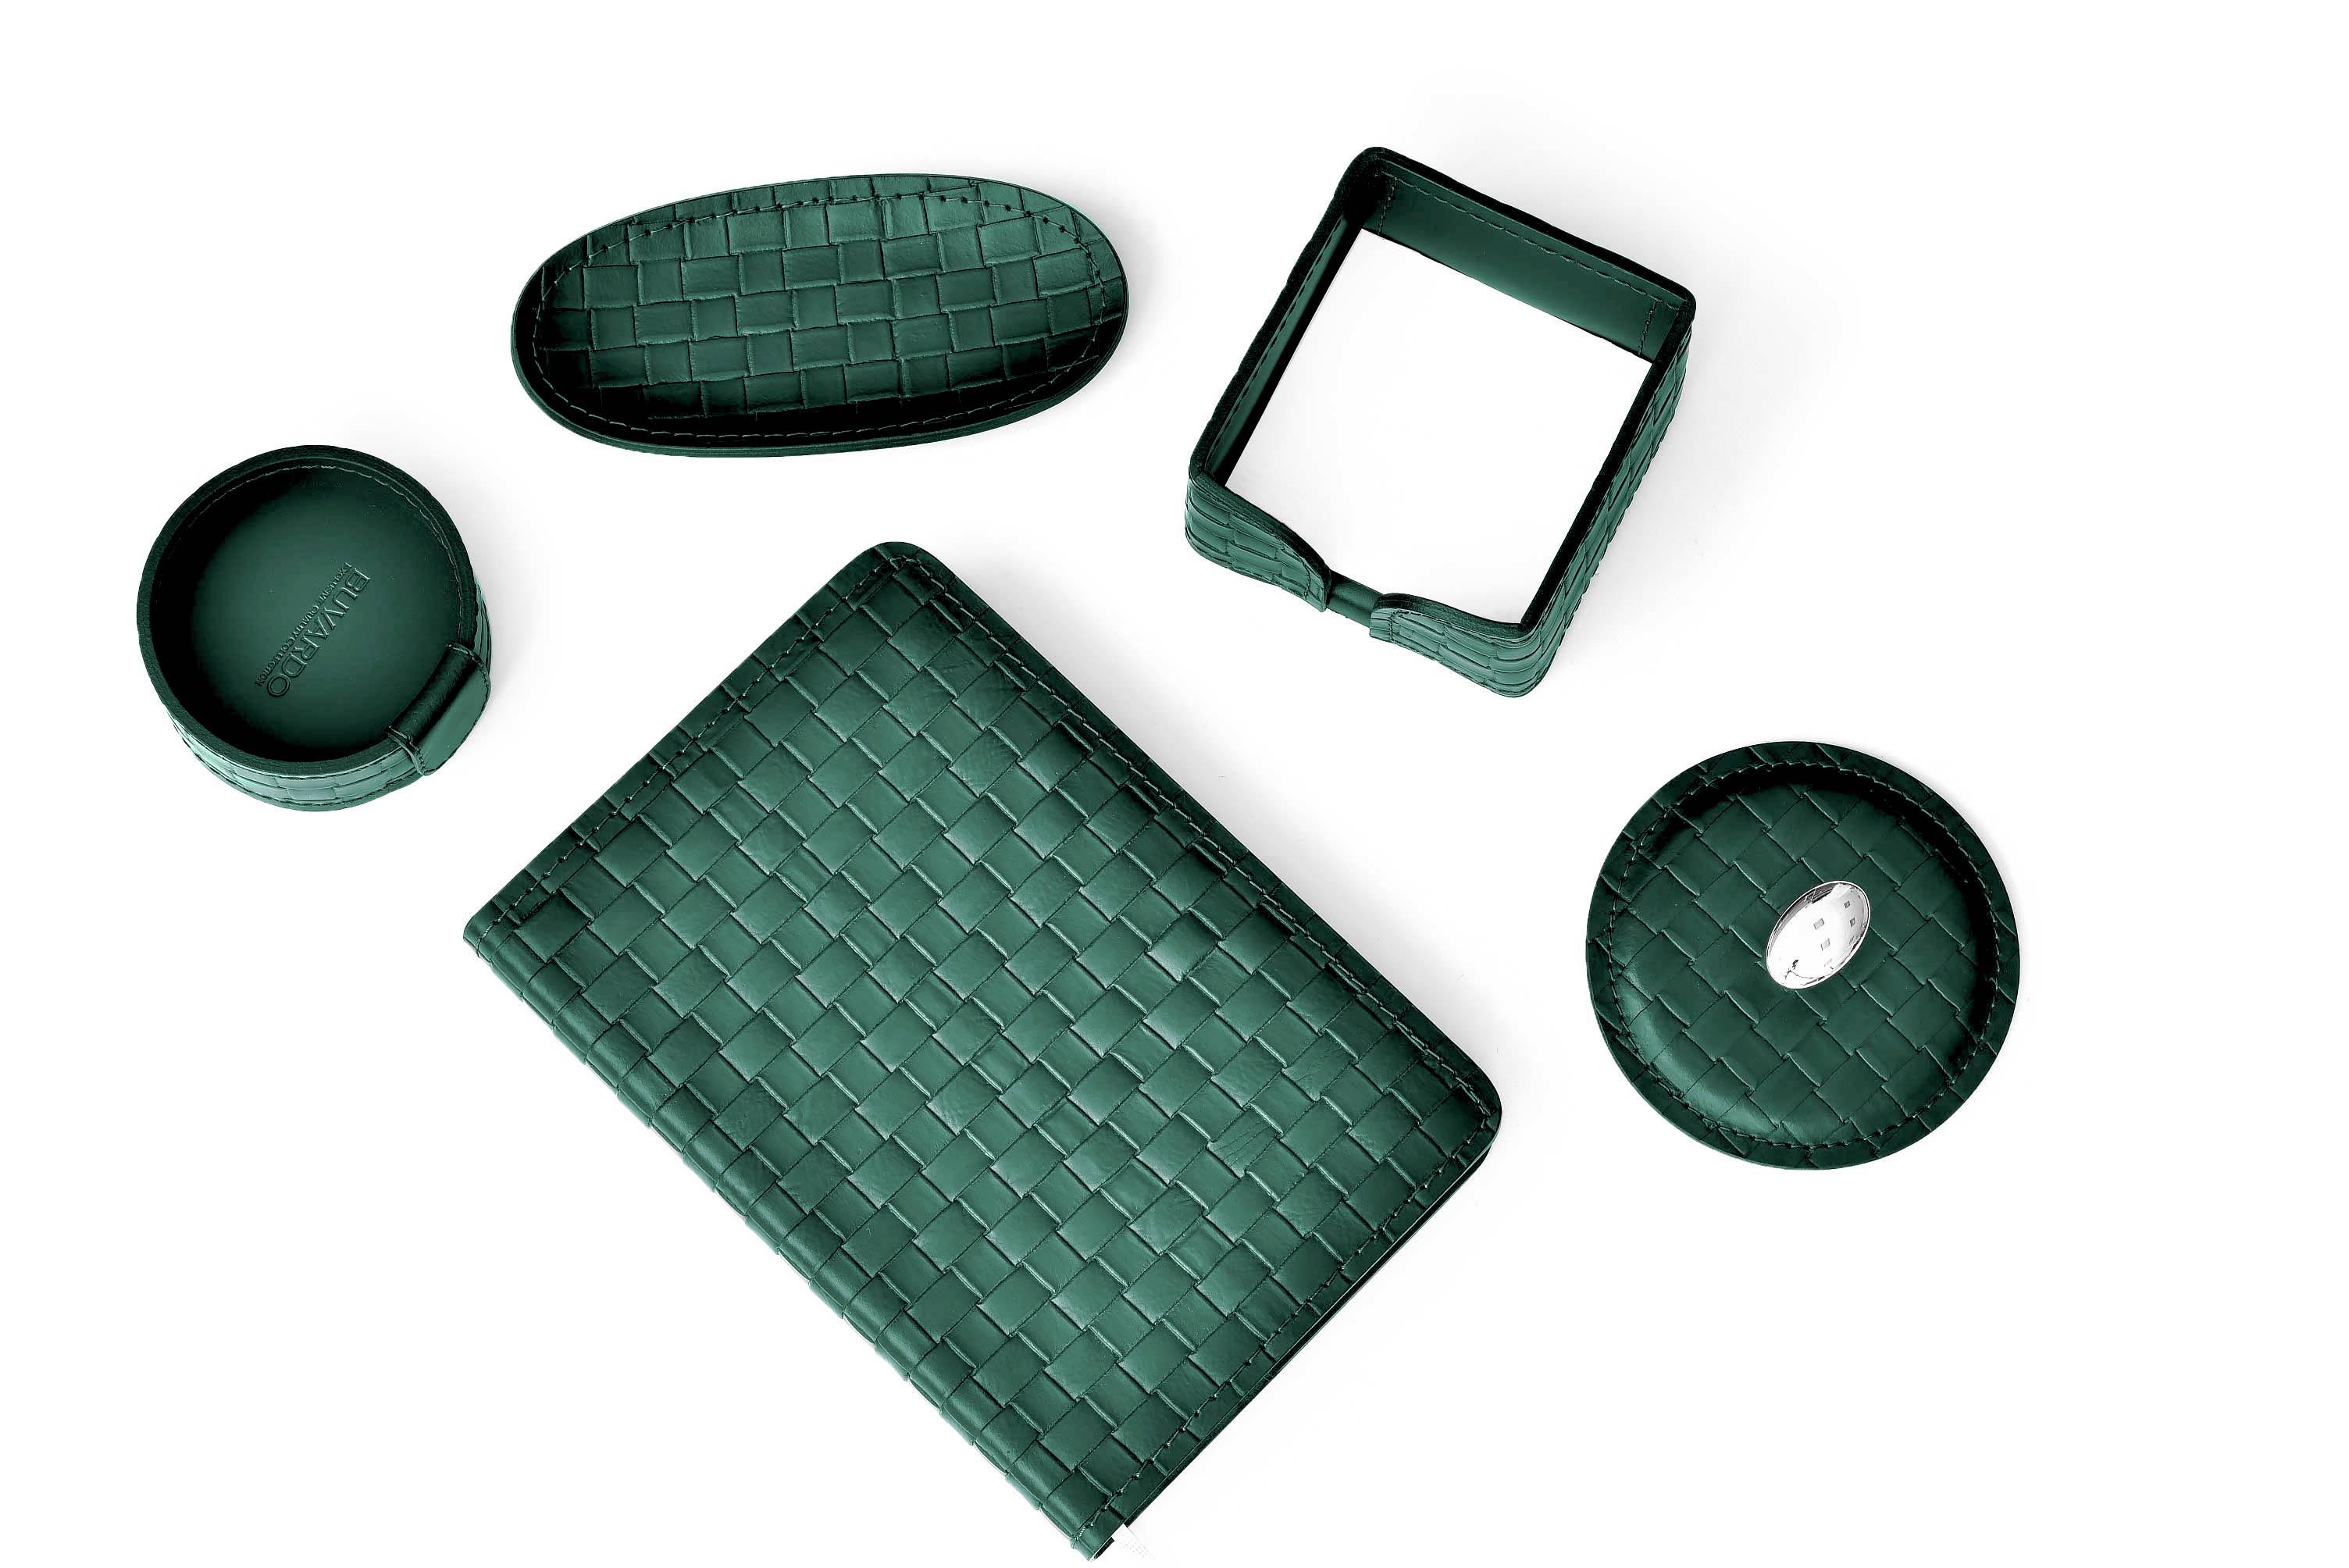 Набор на стол из из зеленой натуральной кожи Cuoietto с отделкой из тисненой кожи с эффектом переплетения: